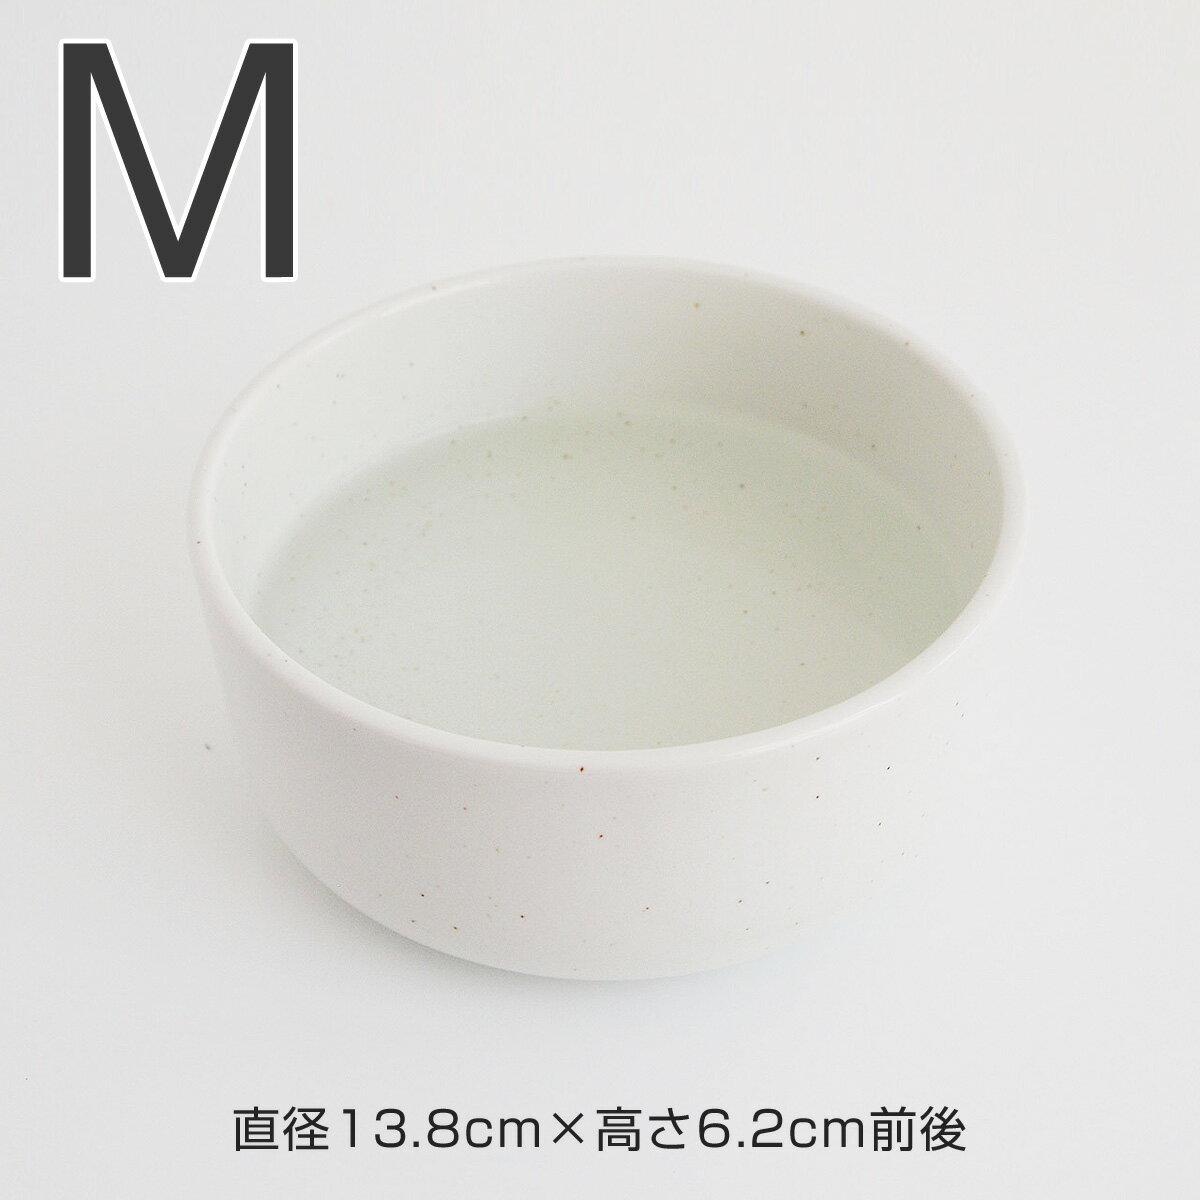 食器 ヘルスウォーター 猫 ボウル M バニラホワイト